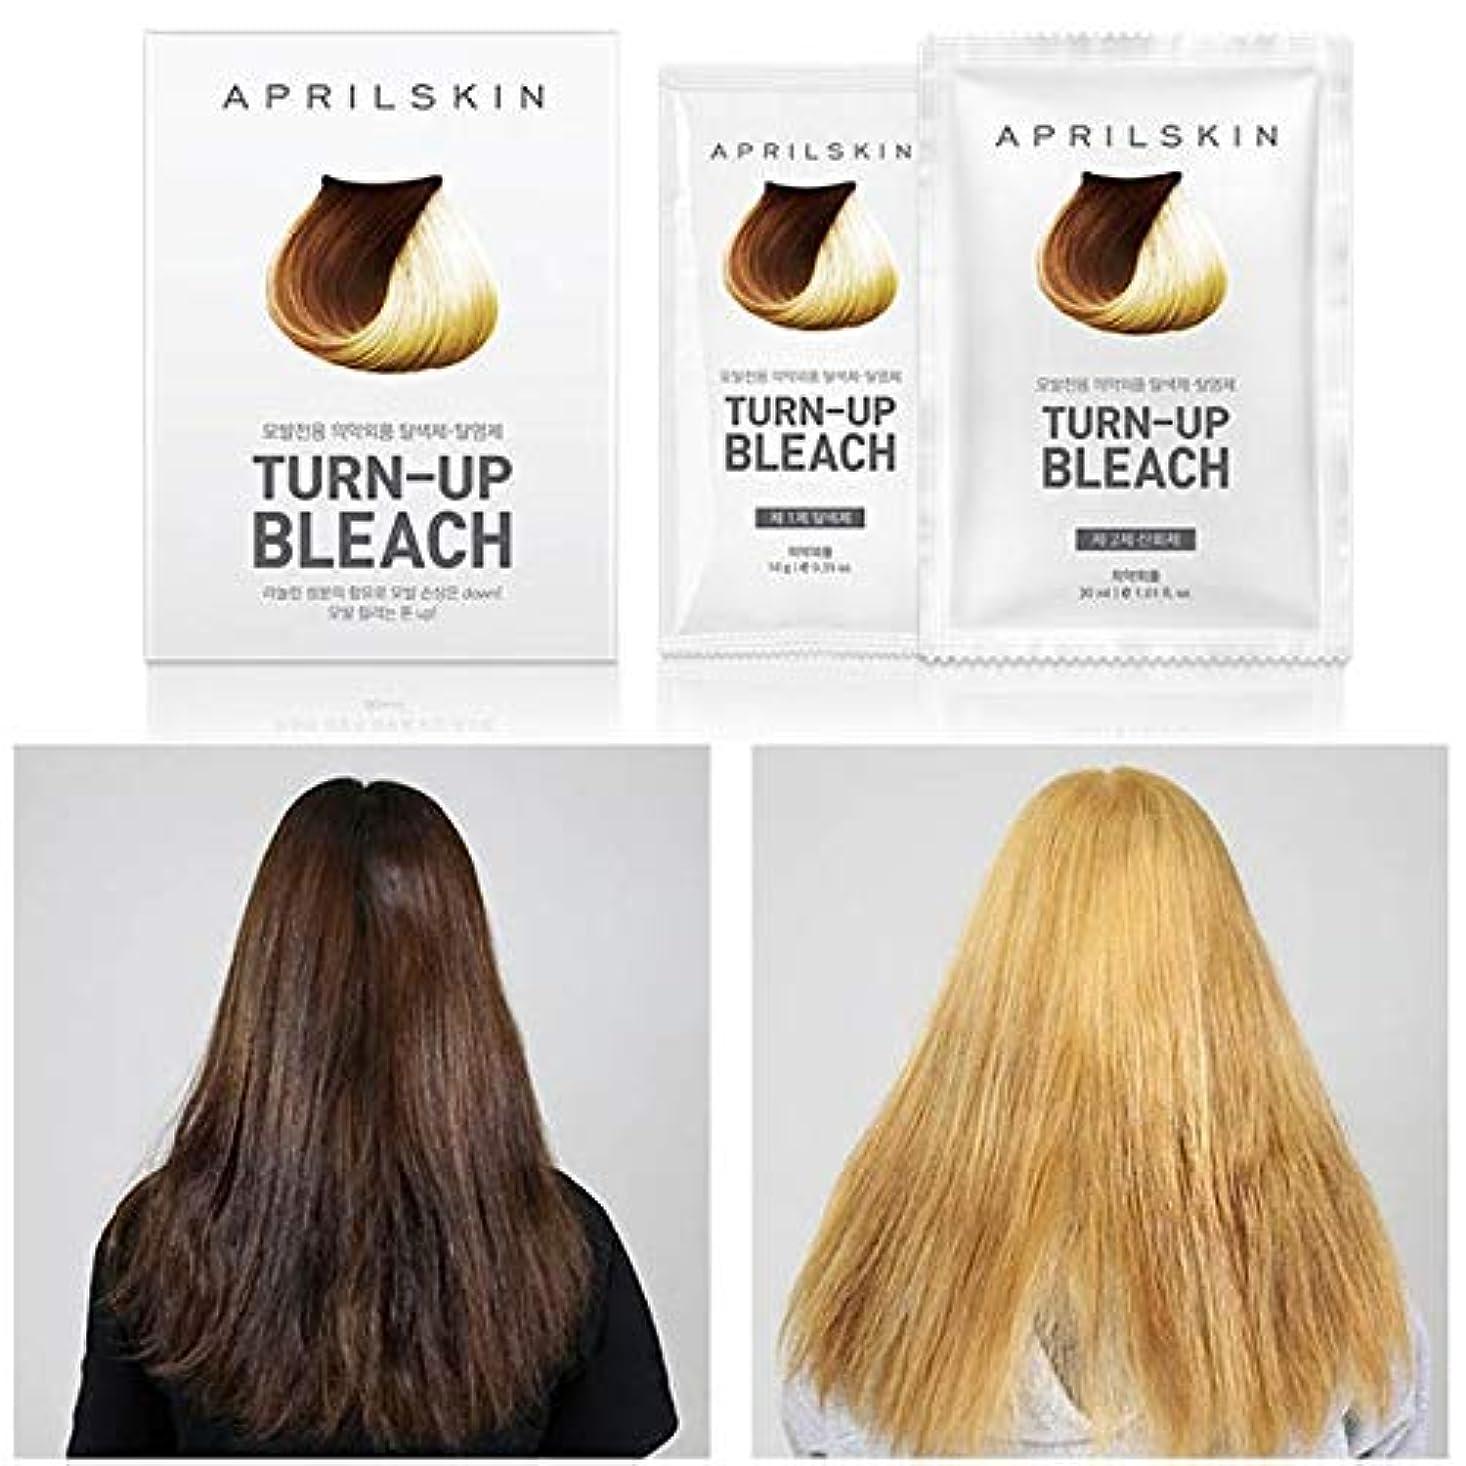 喜んでフィード歩くエープリル?スキン [韓国コスメ April Skin] 漂白ブリーチ(ヘアブリーチ)Turn Up Bleach (Hair Bleach)/Korea Cosmetics